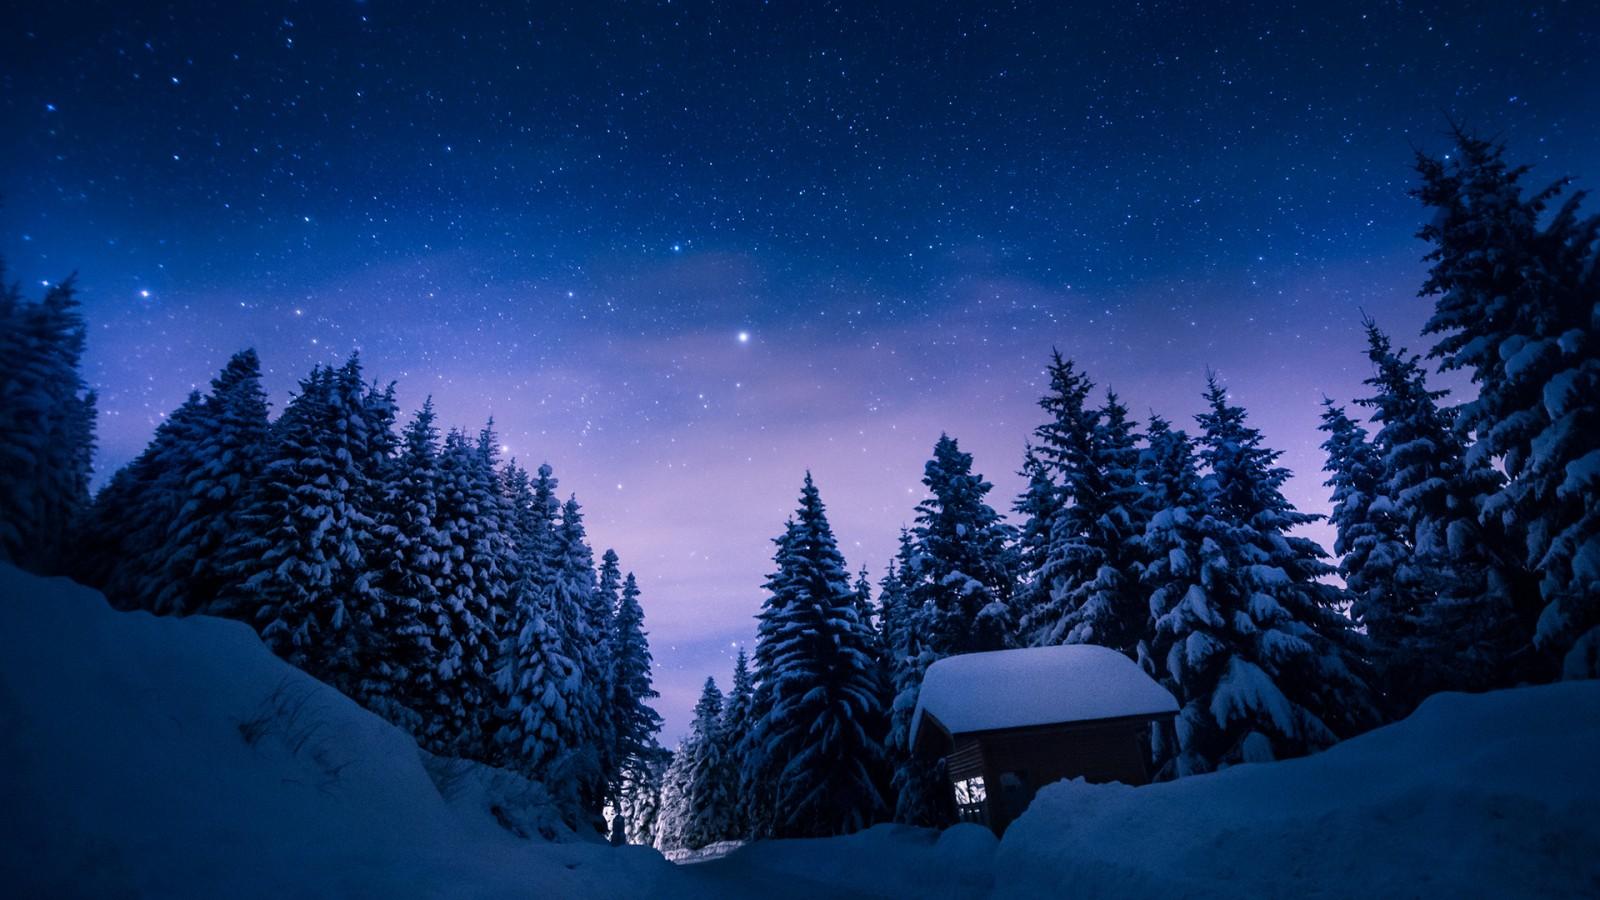 zima-sneg-derevya-doroga-3608.jpg